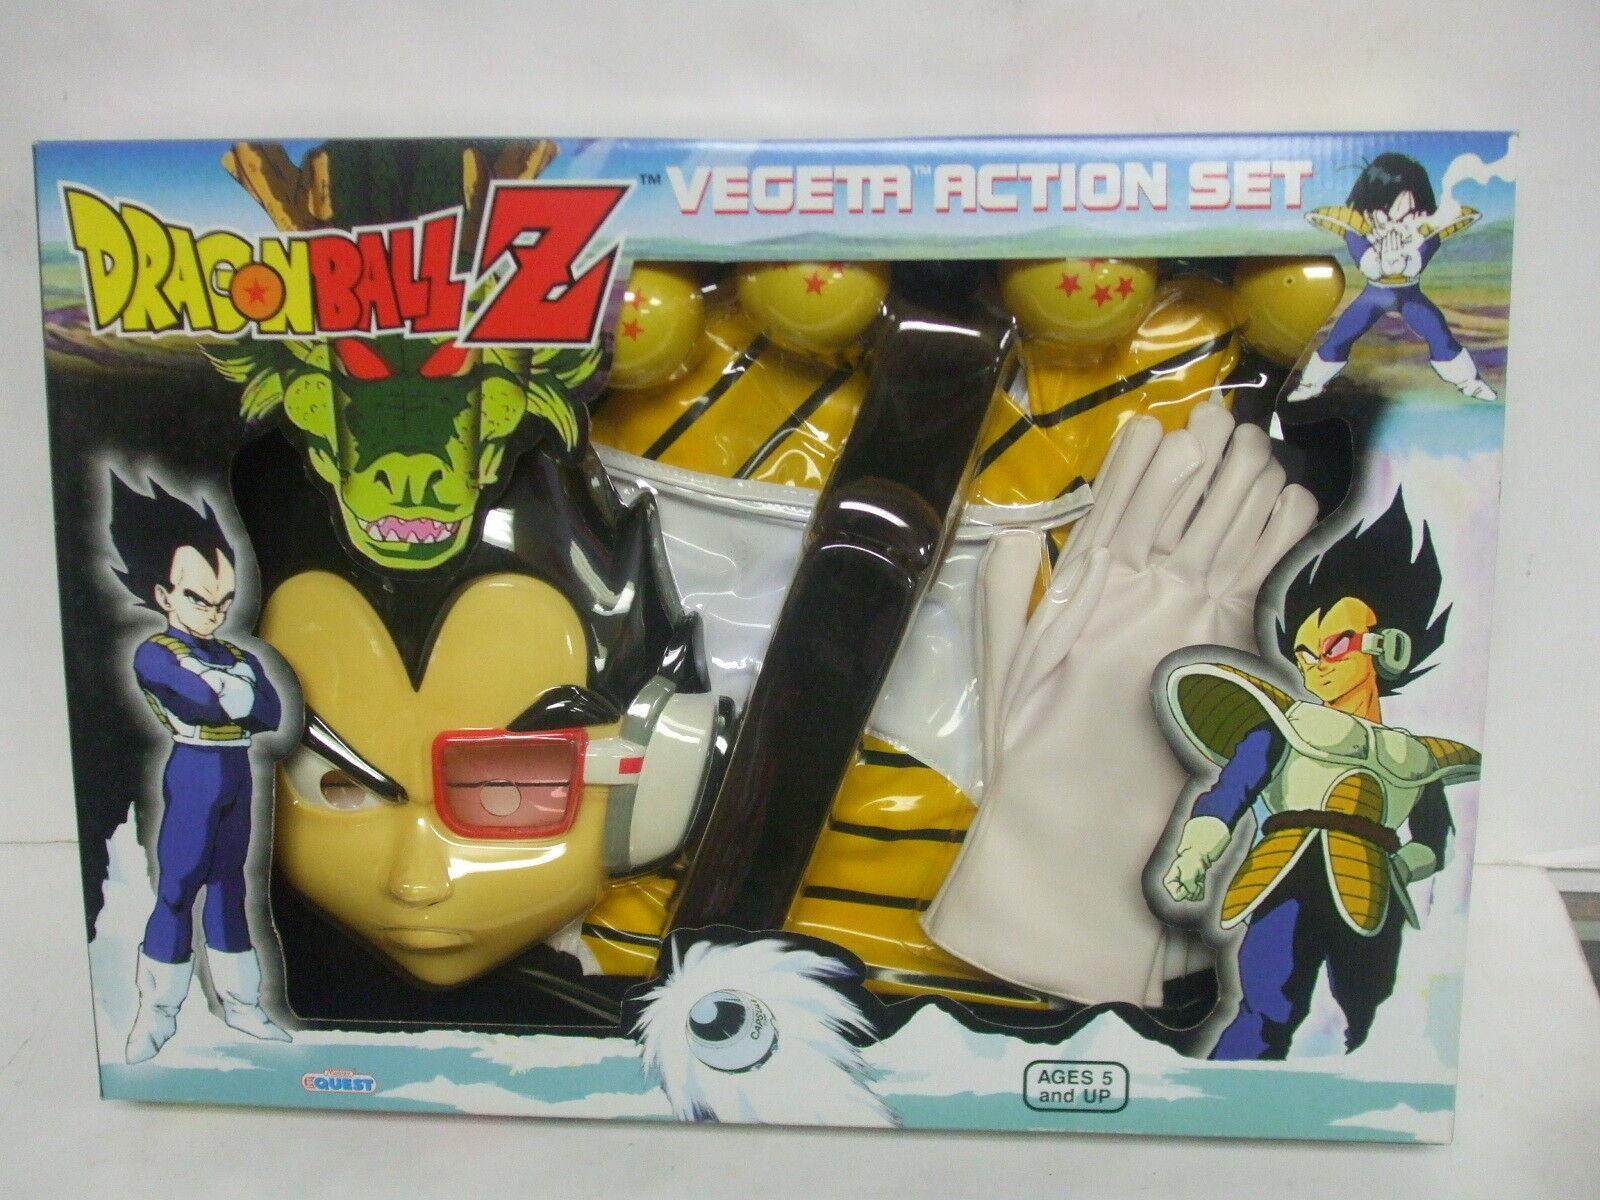 Rollspel för leksak Quest drake boll Z Vegeta Action Set MIB (H)